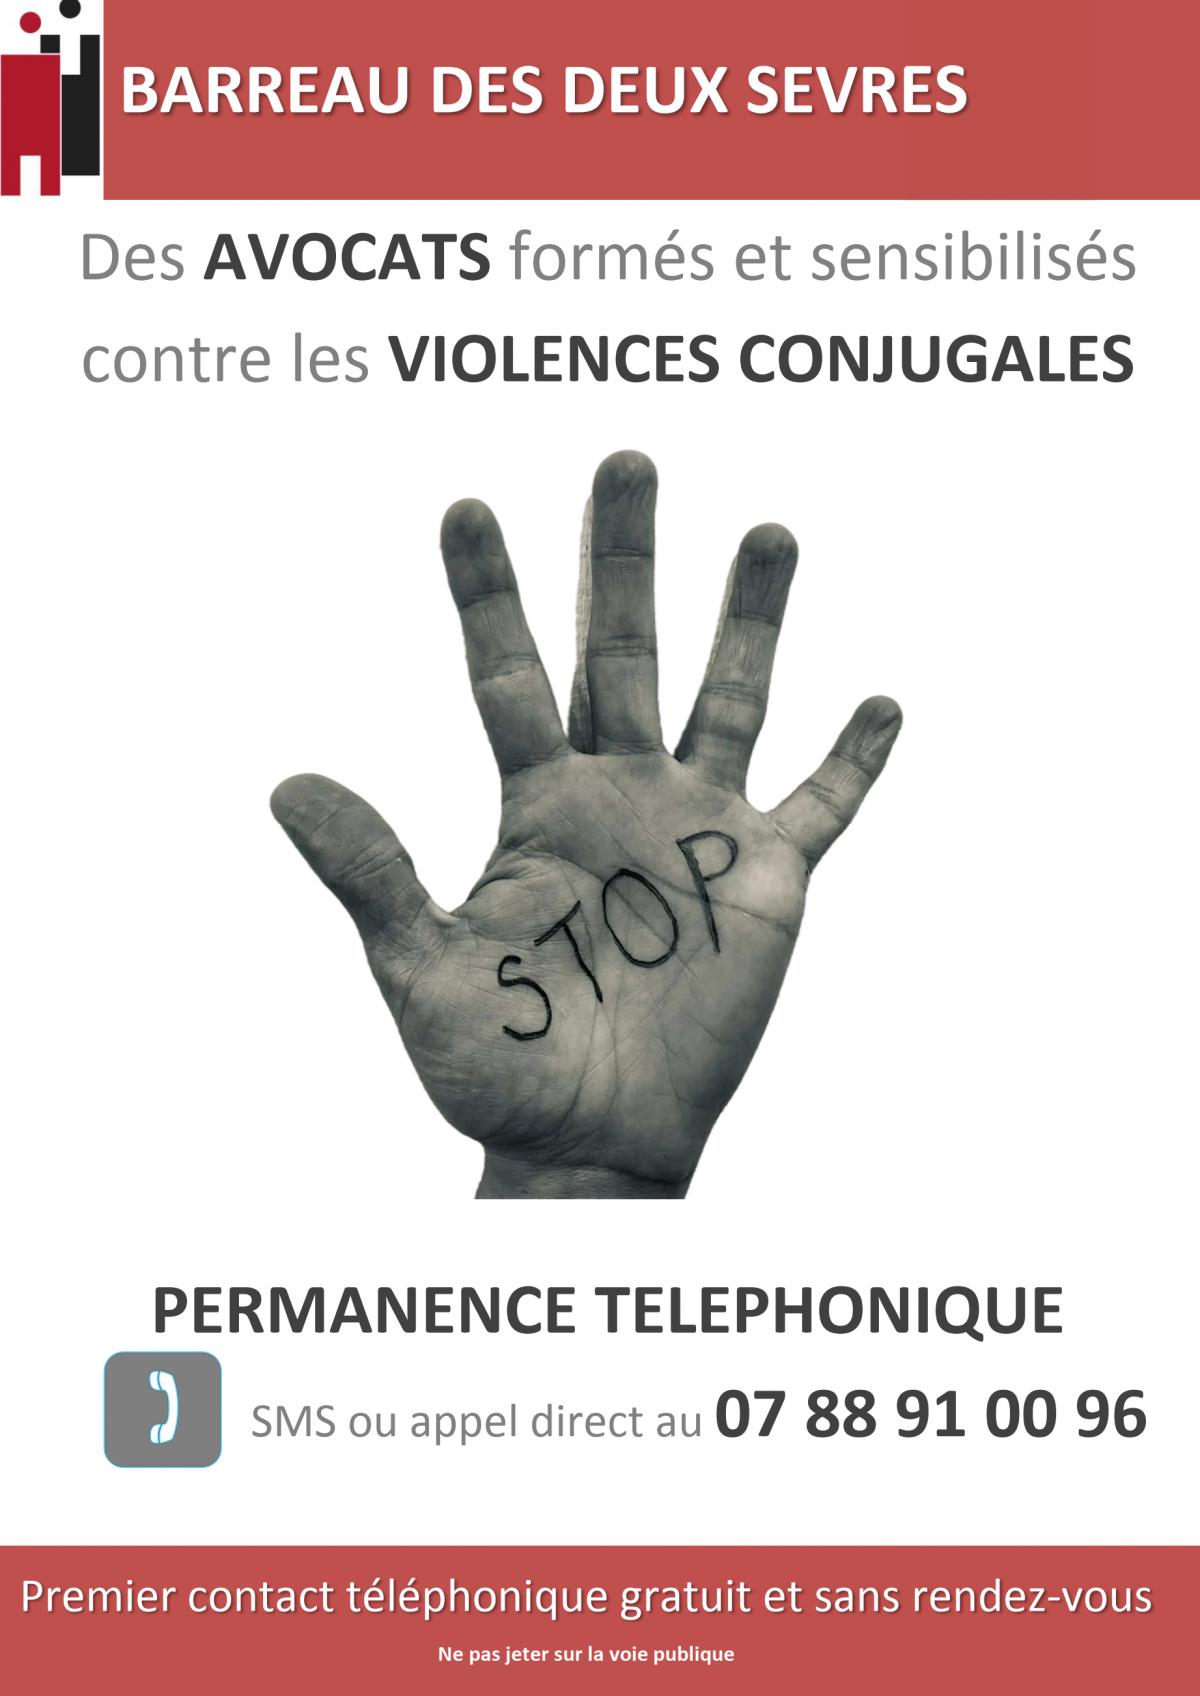 Affiche violences conjugales